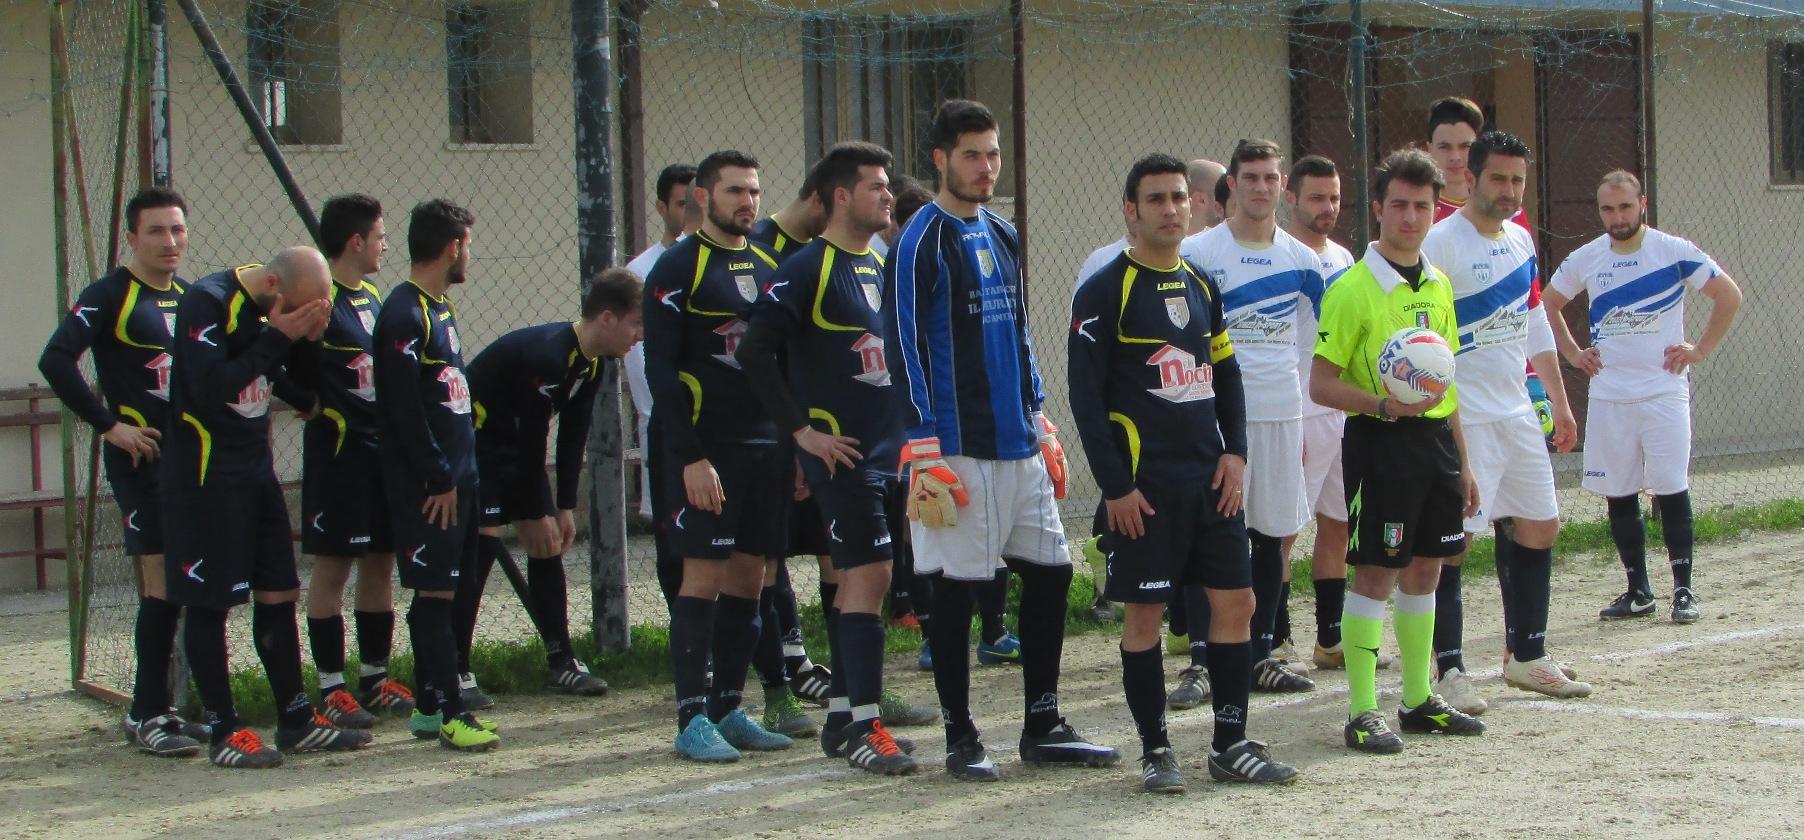 S Mauro vs S Severina entrata in campo